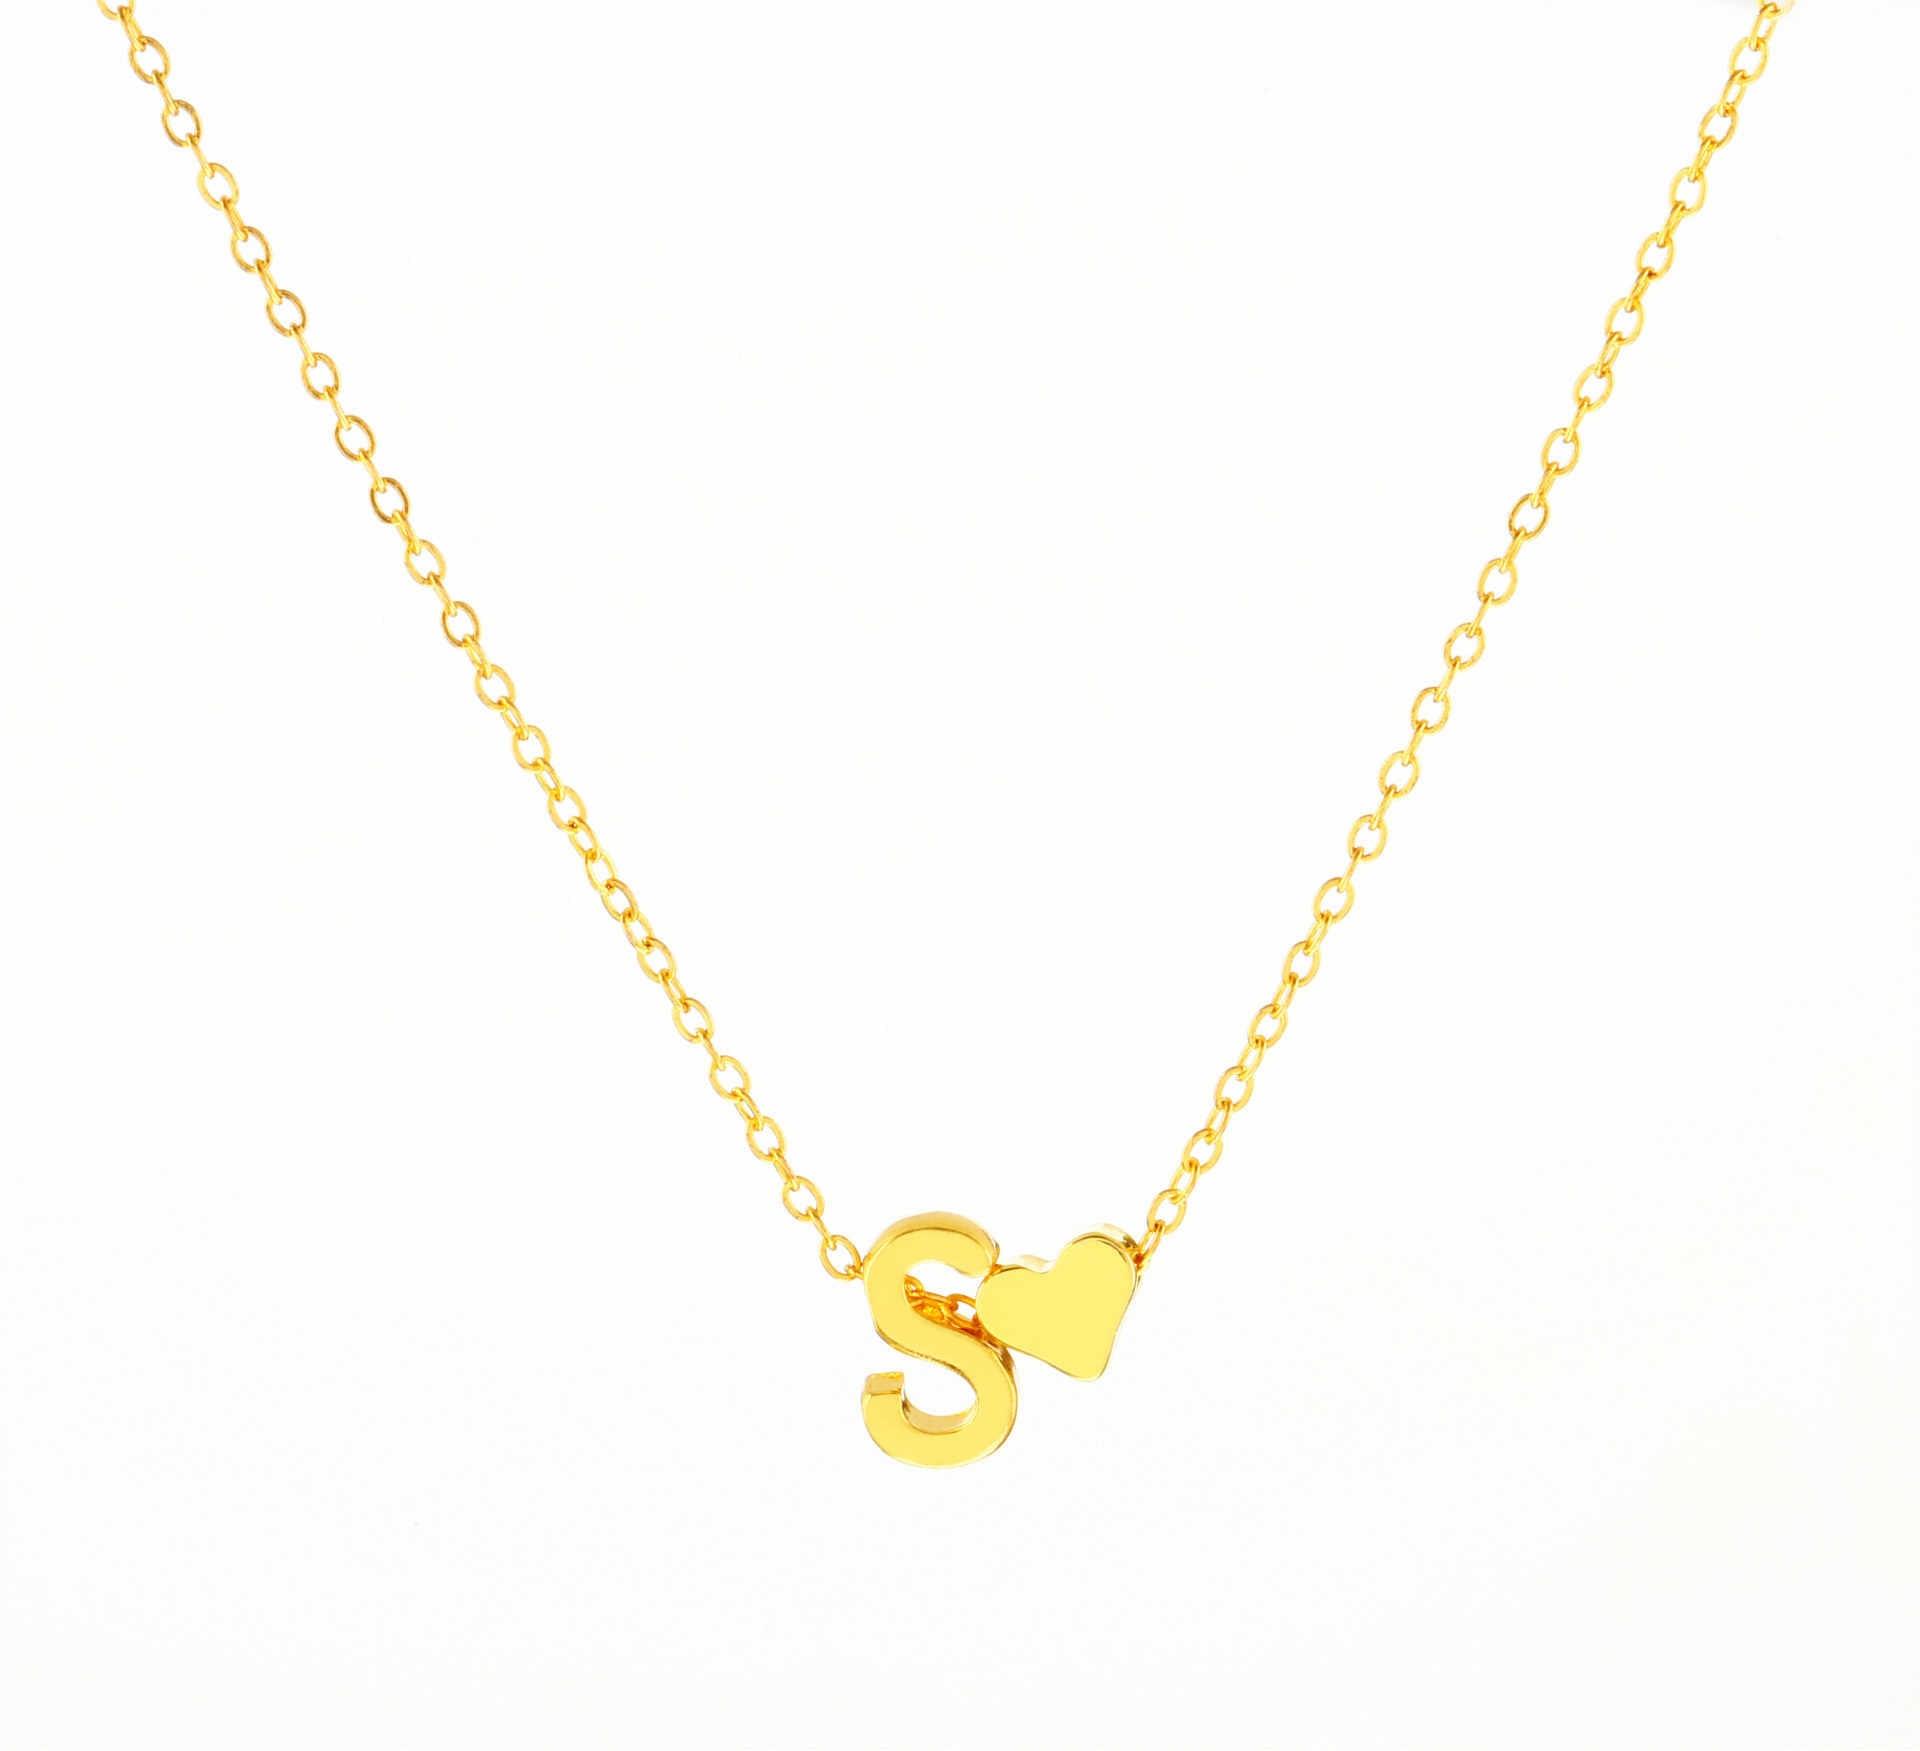 2018 זעירים אופנה מעודנת לב מכתב שרשרת שם אישית שרשרת ראשונית מתנת חברה אביזרי תכשיטים לנשים